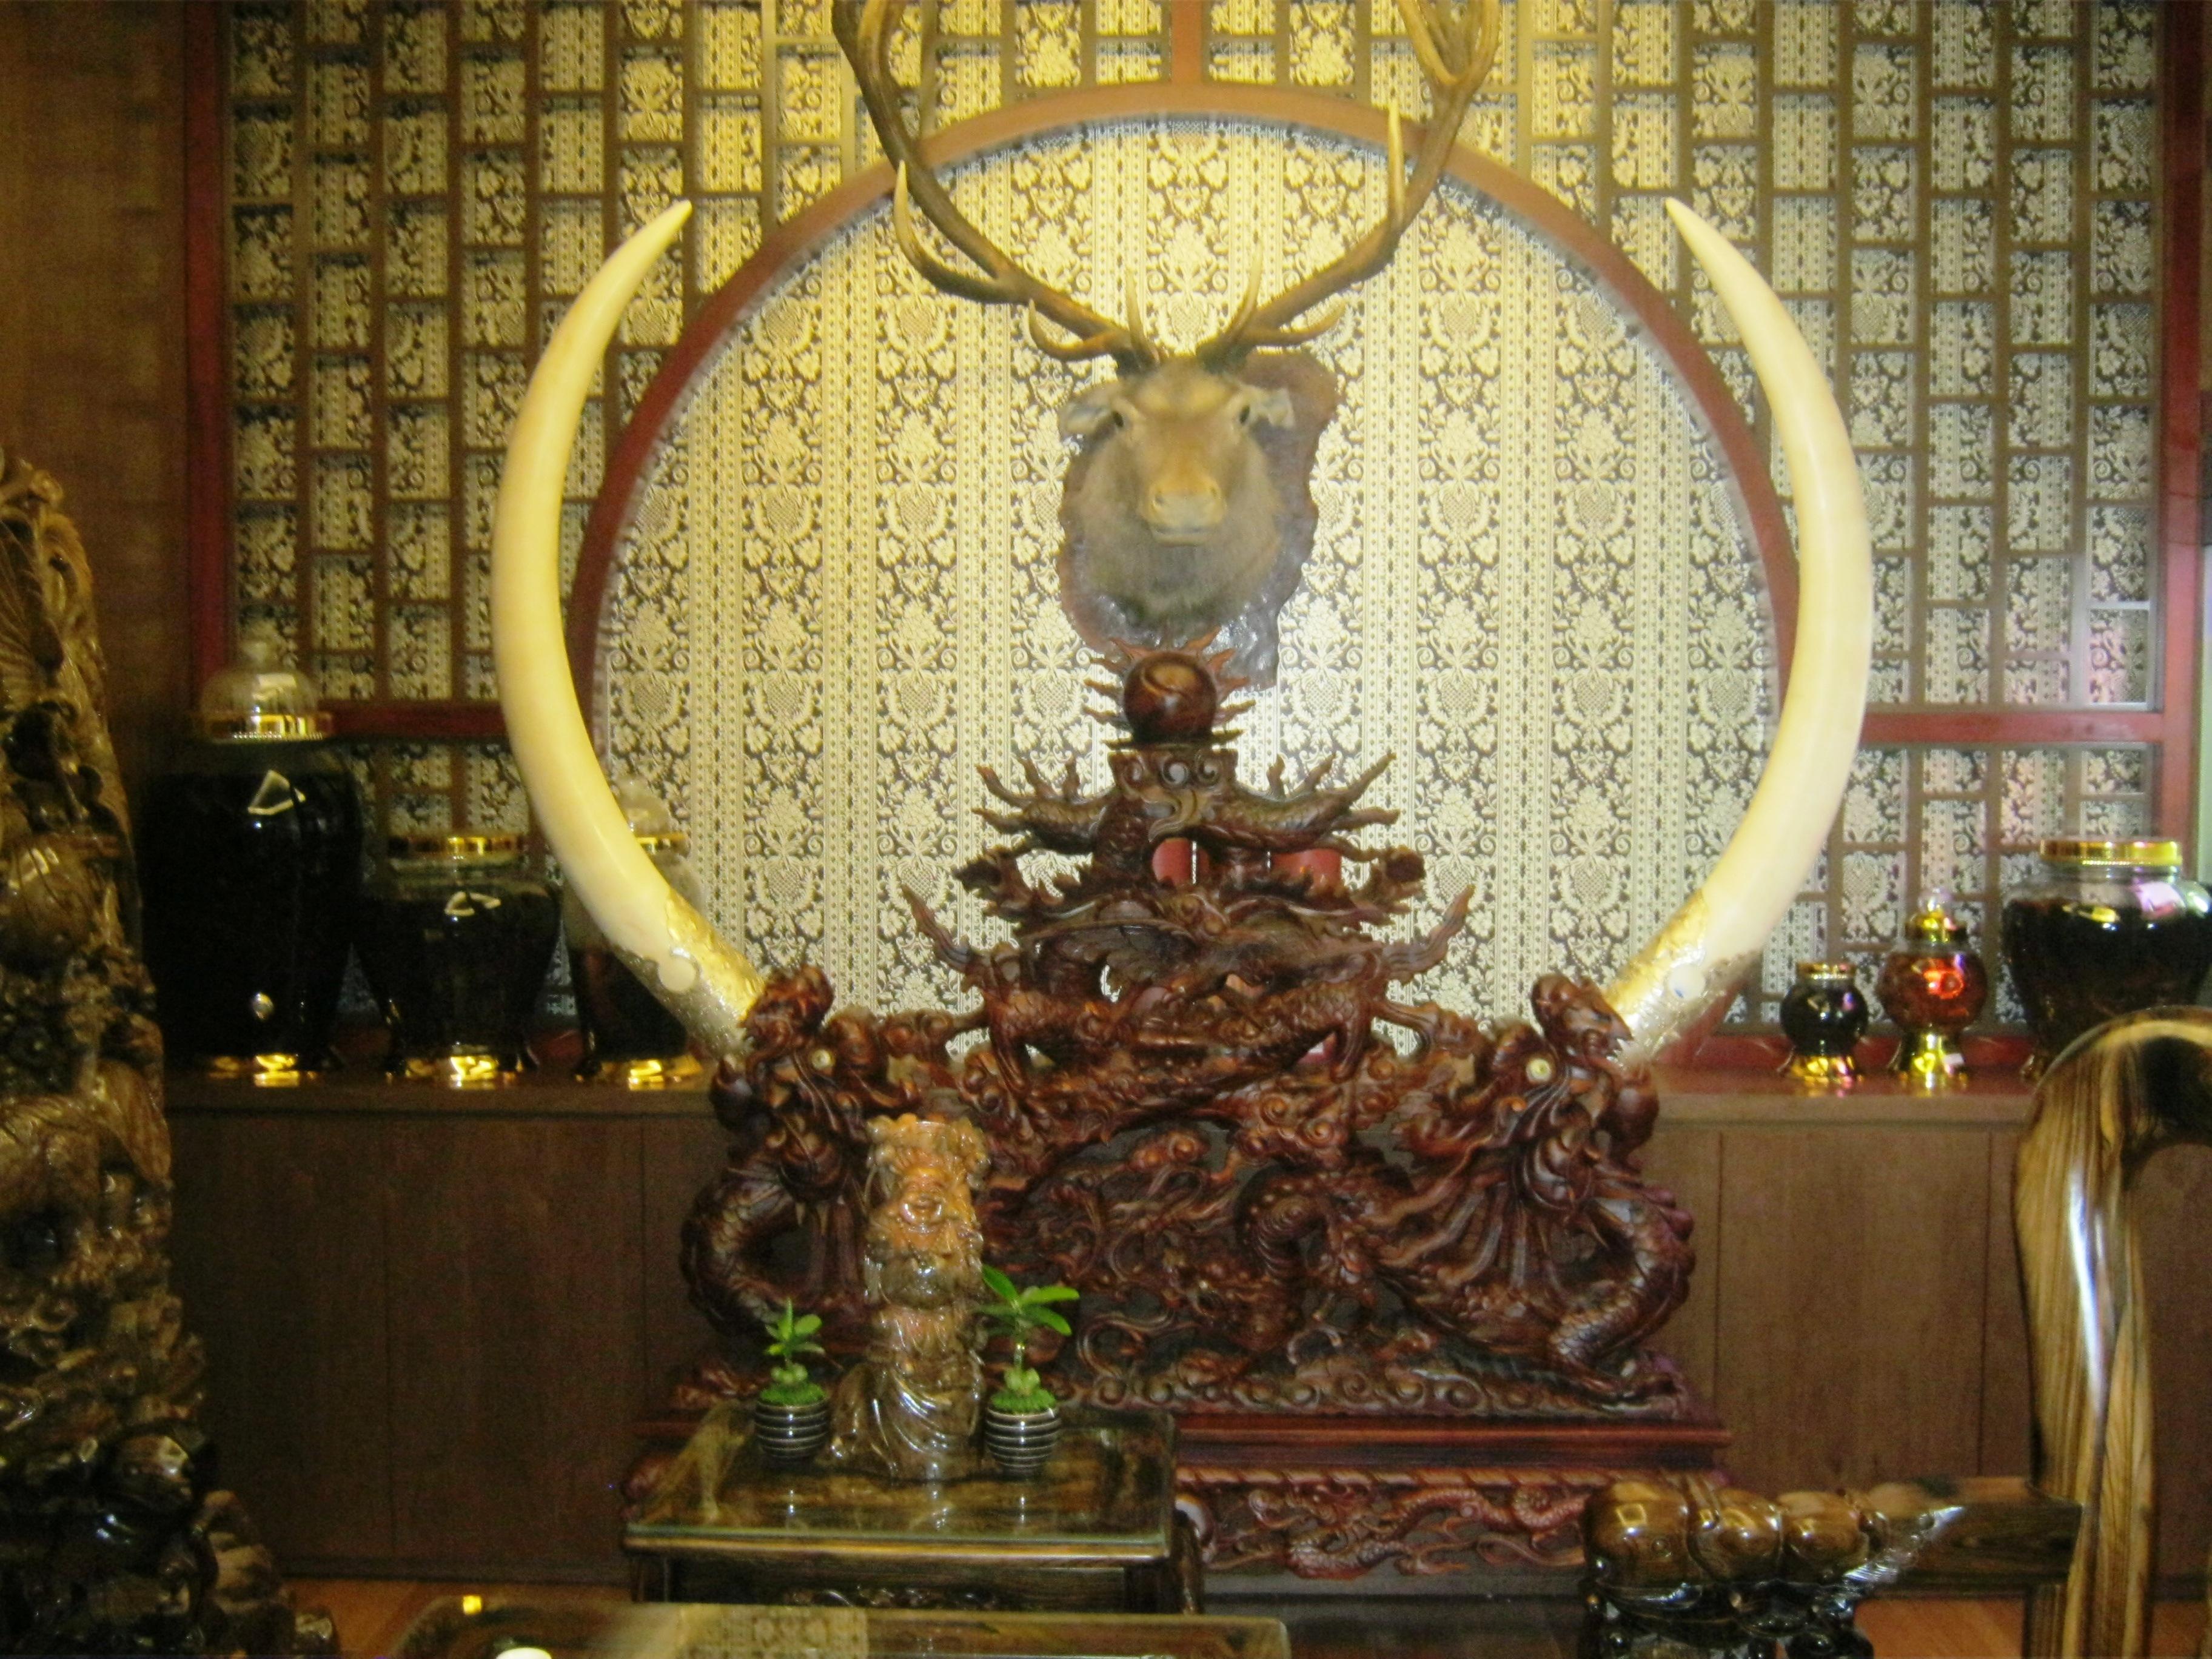 Ngà voi được dùng để trang trí nội thất 1fcb9f0ef61